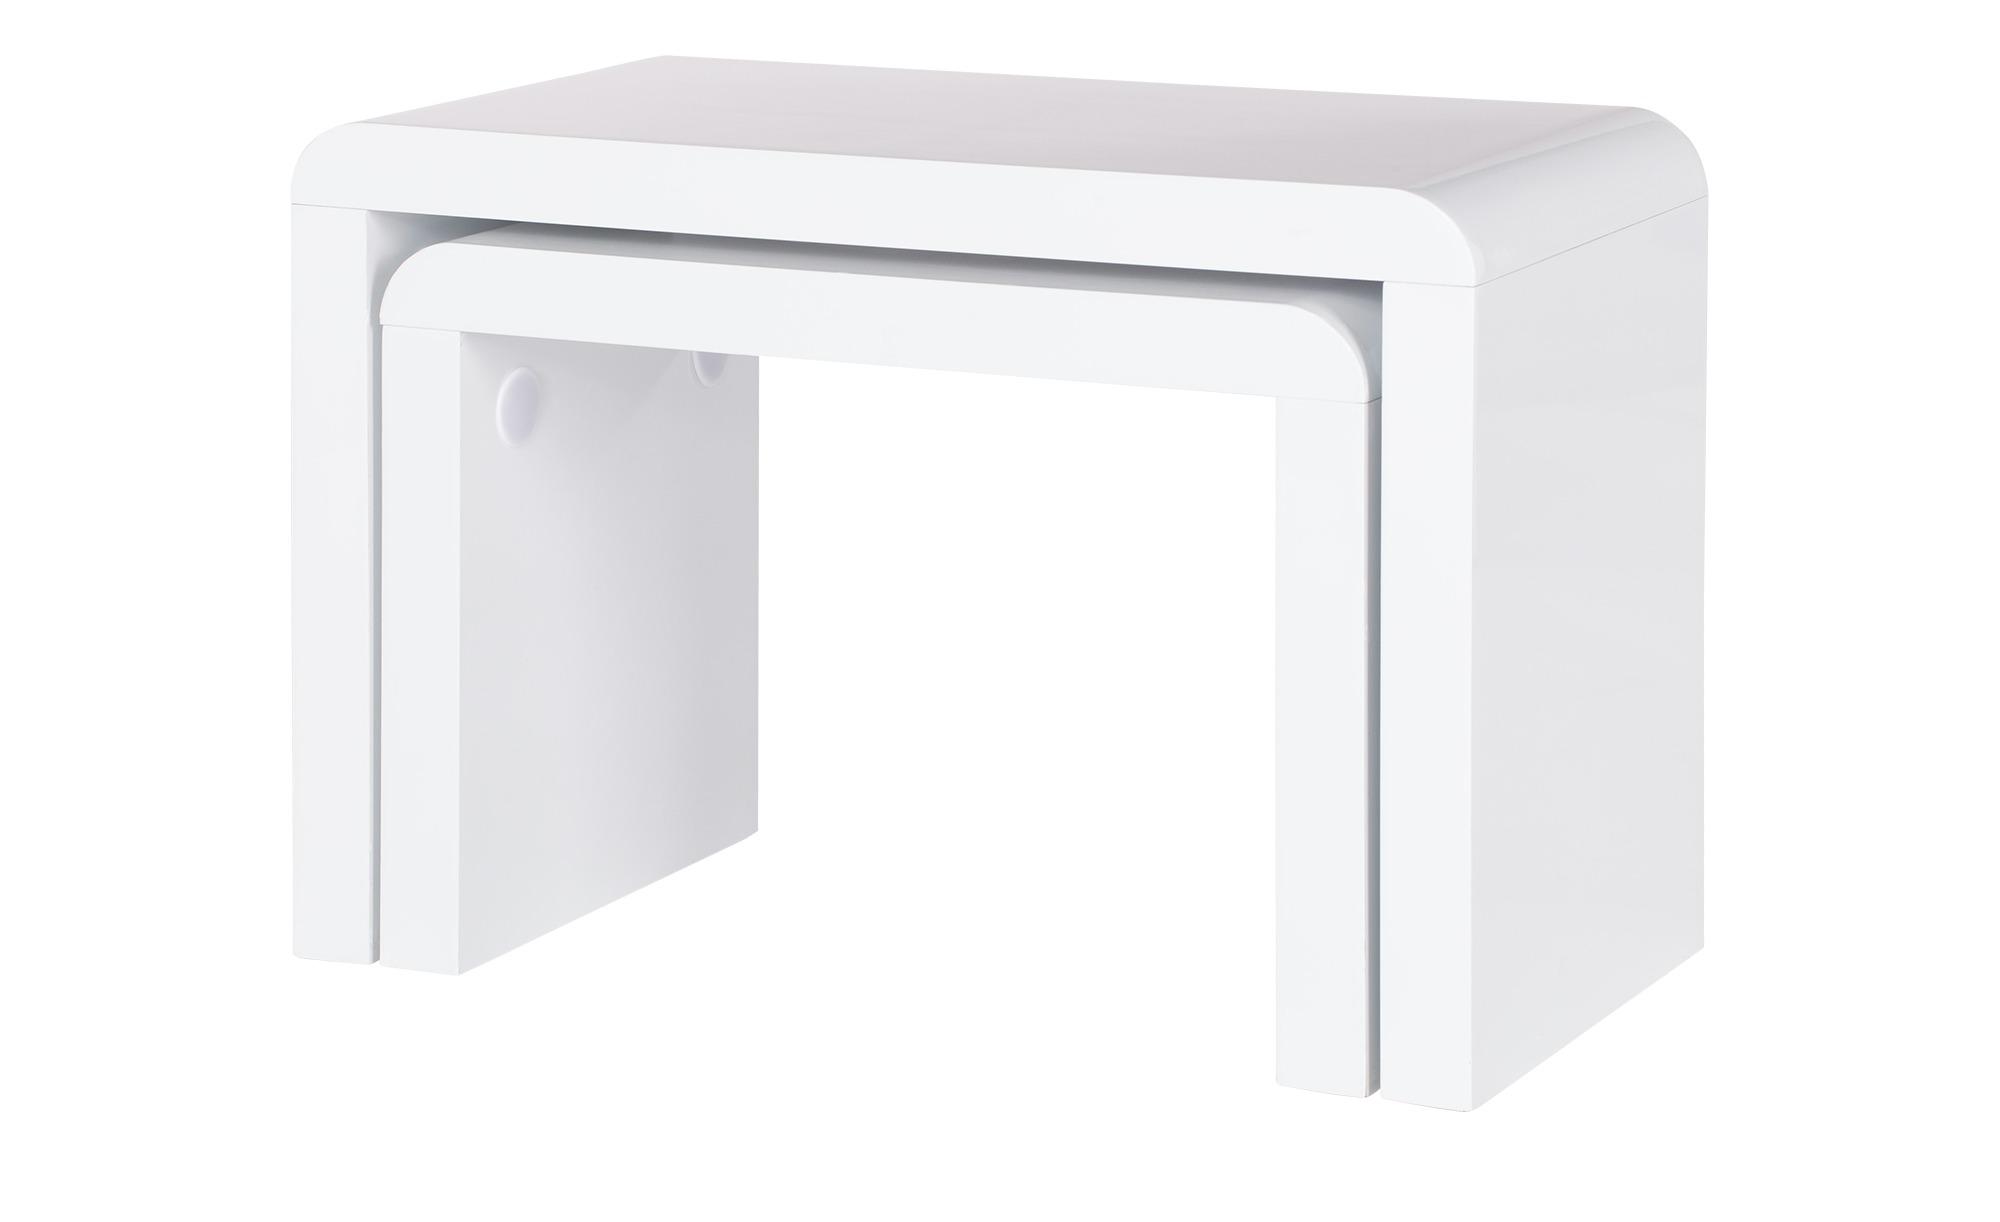 2er-Set Beistelltische - weiß - Sconto